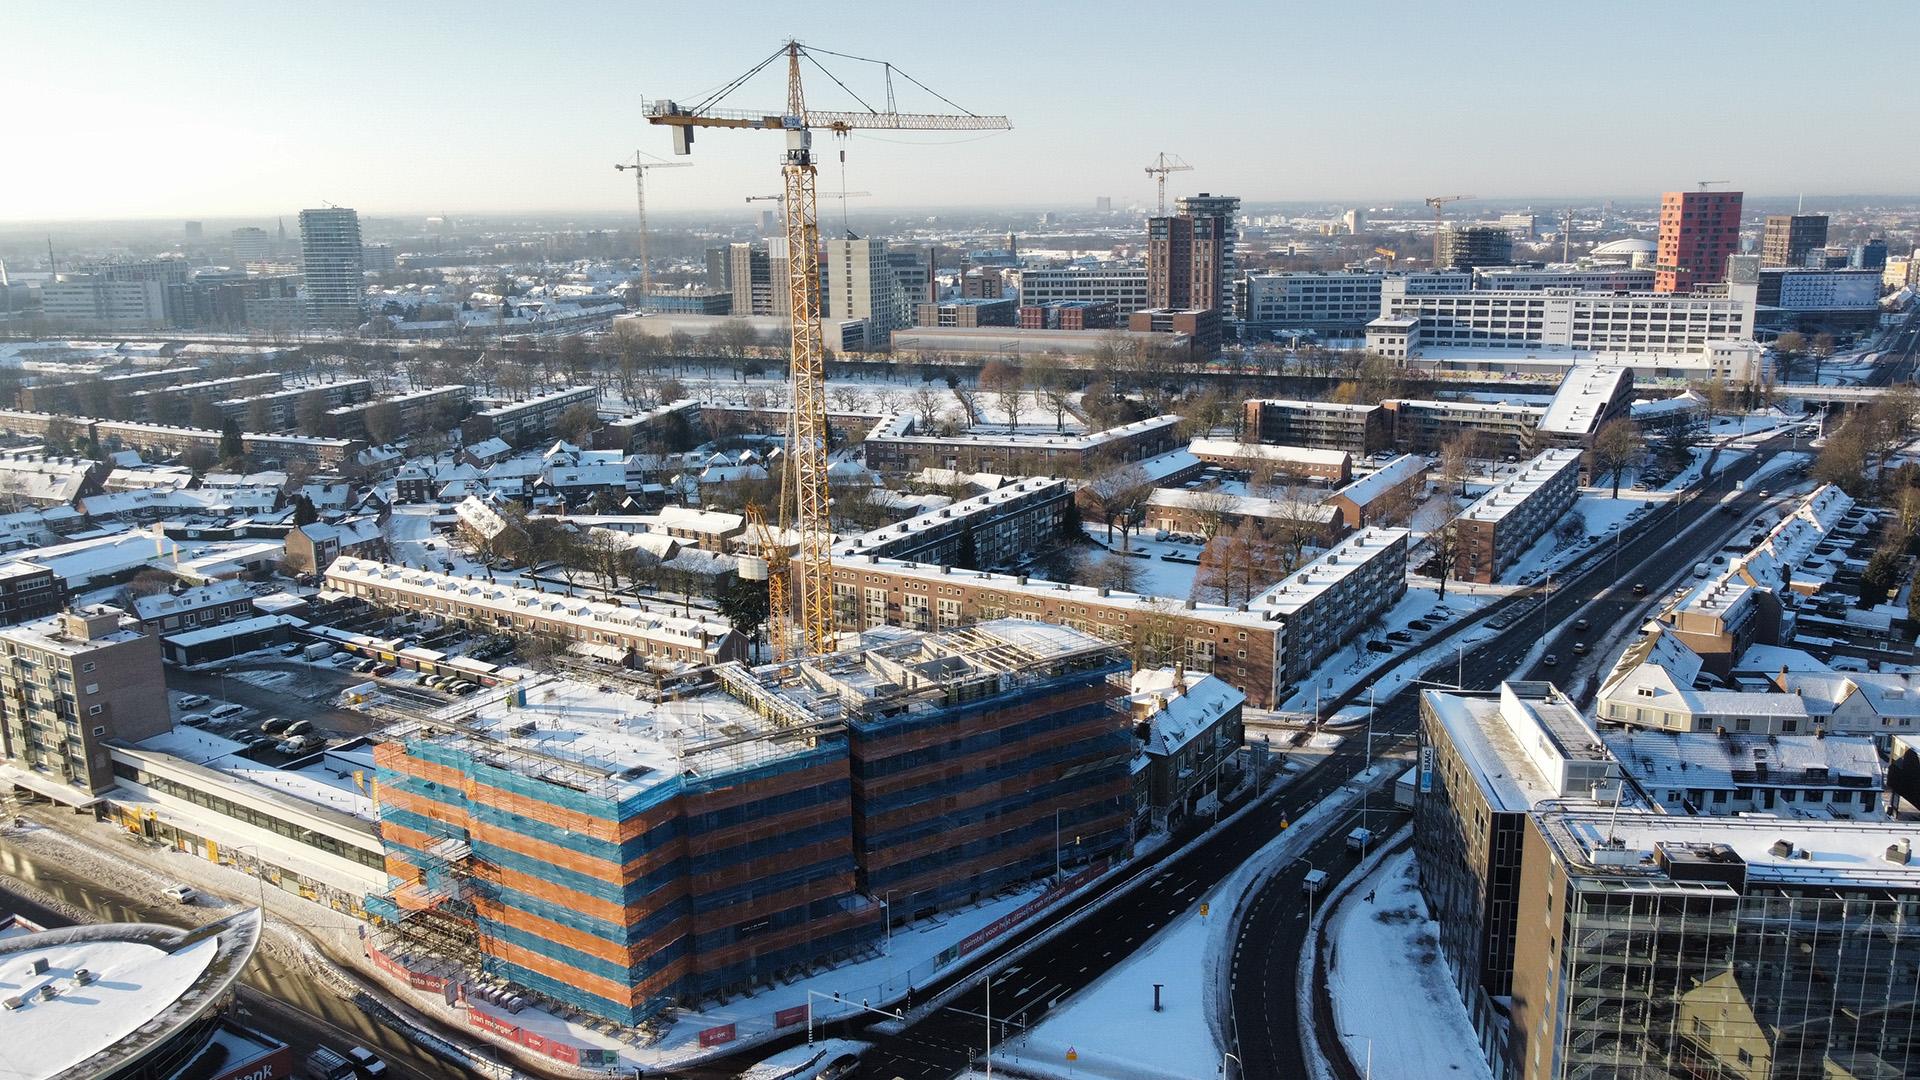 Bouwupdate de Bakermat te Eindhoven